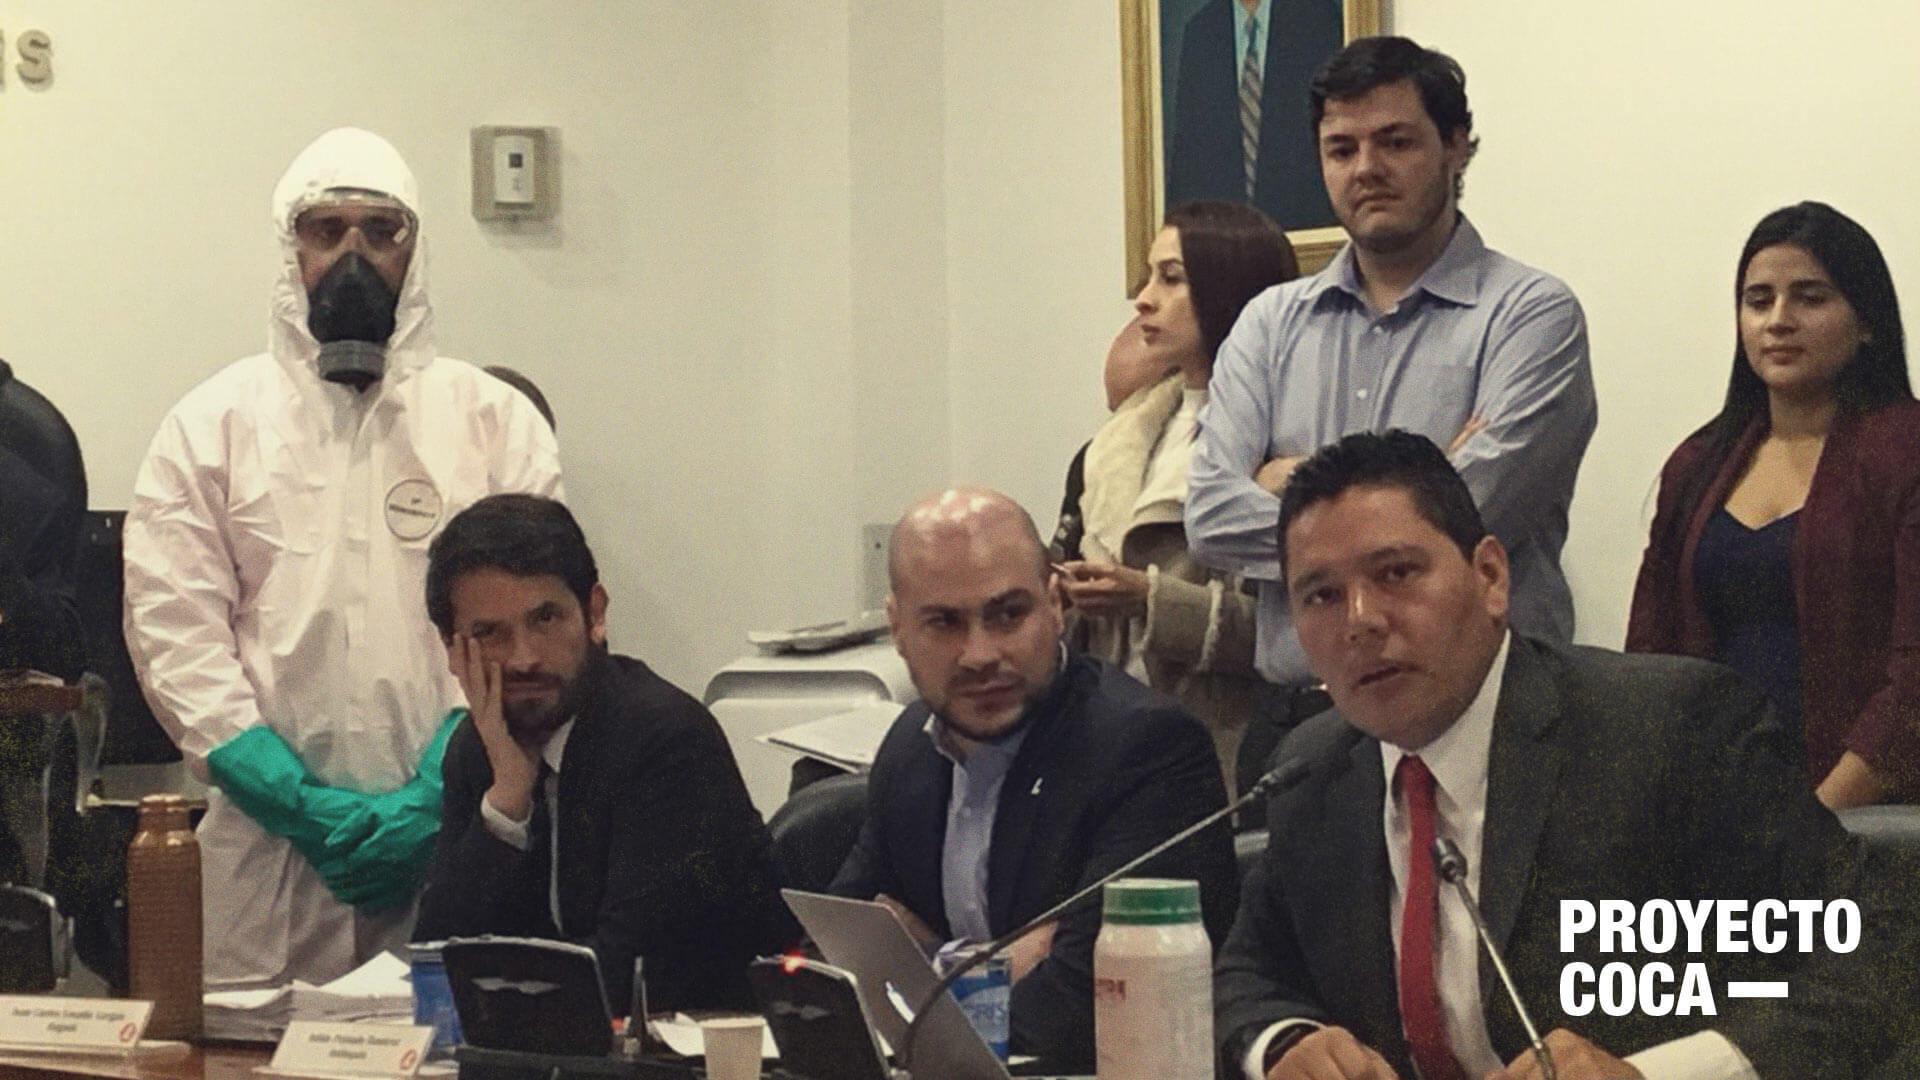 Las 7 preguntas sobre coca con las que Harry González corchó al Gobierno